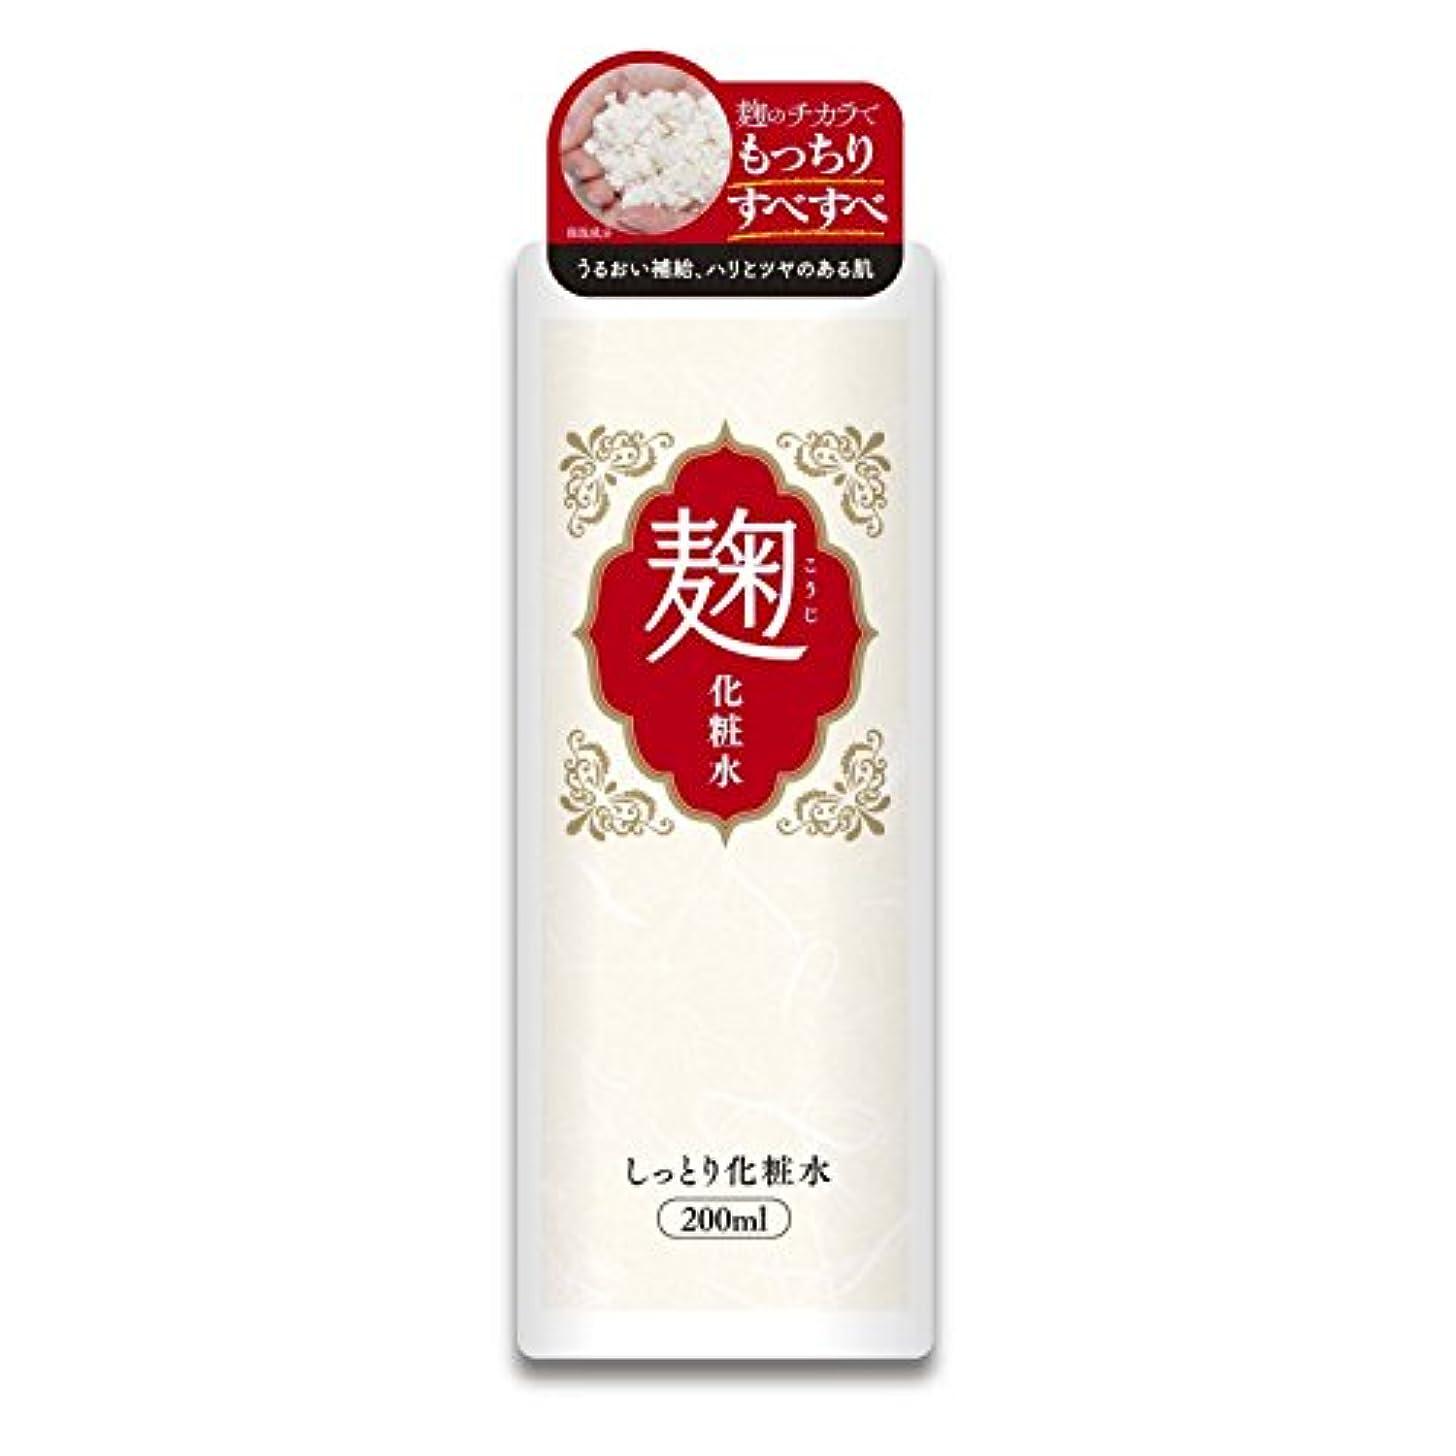 もしカロリー放射するユゼ 麹配合美肌しっとり化粧水 200mL